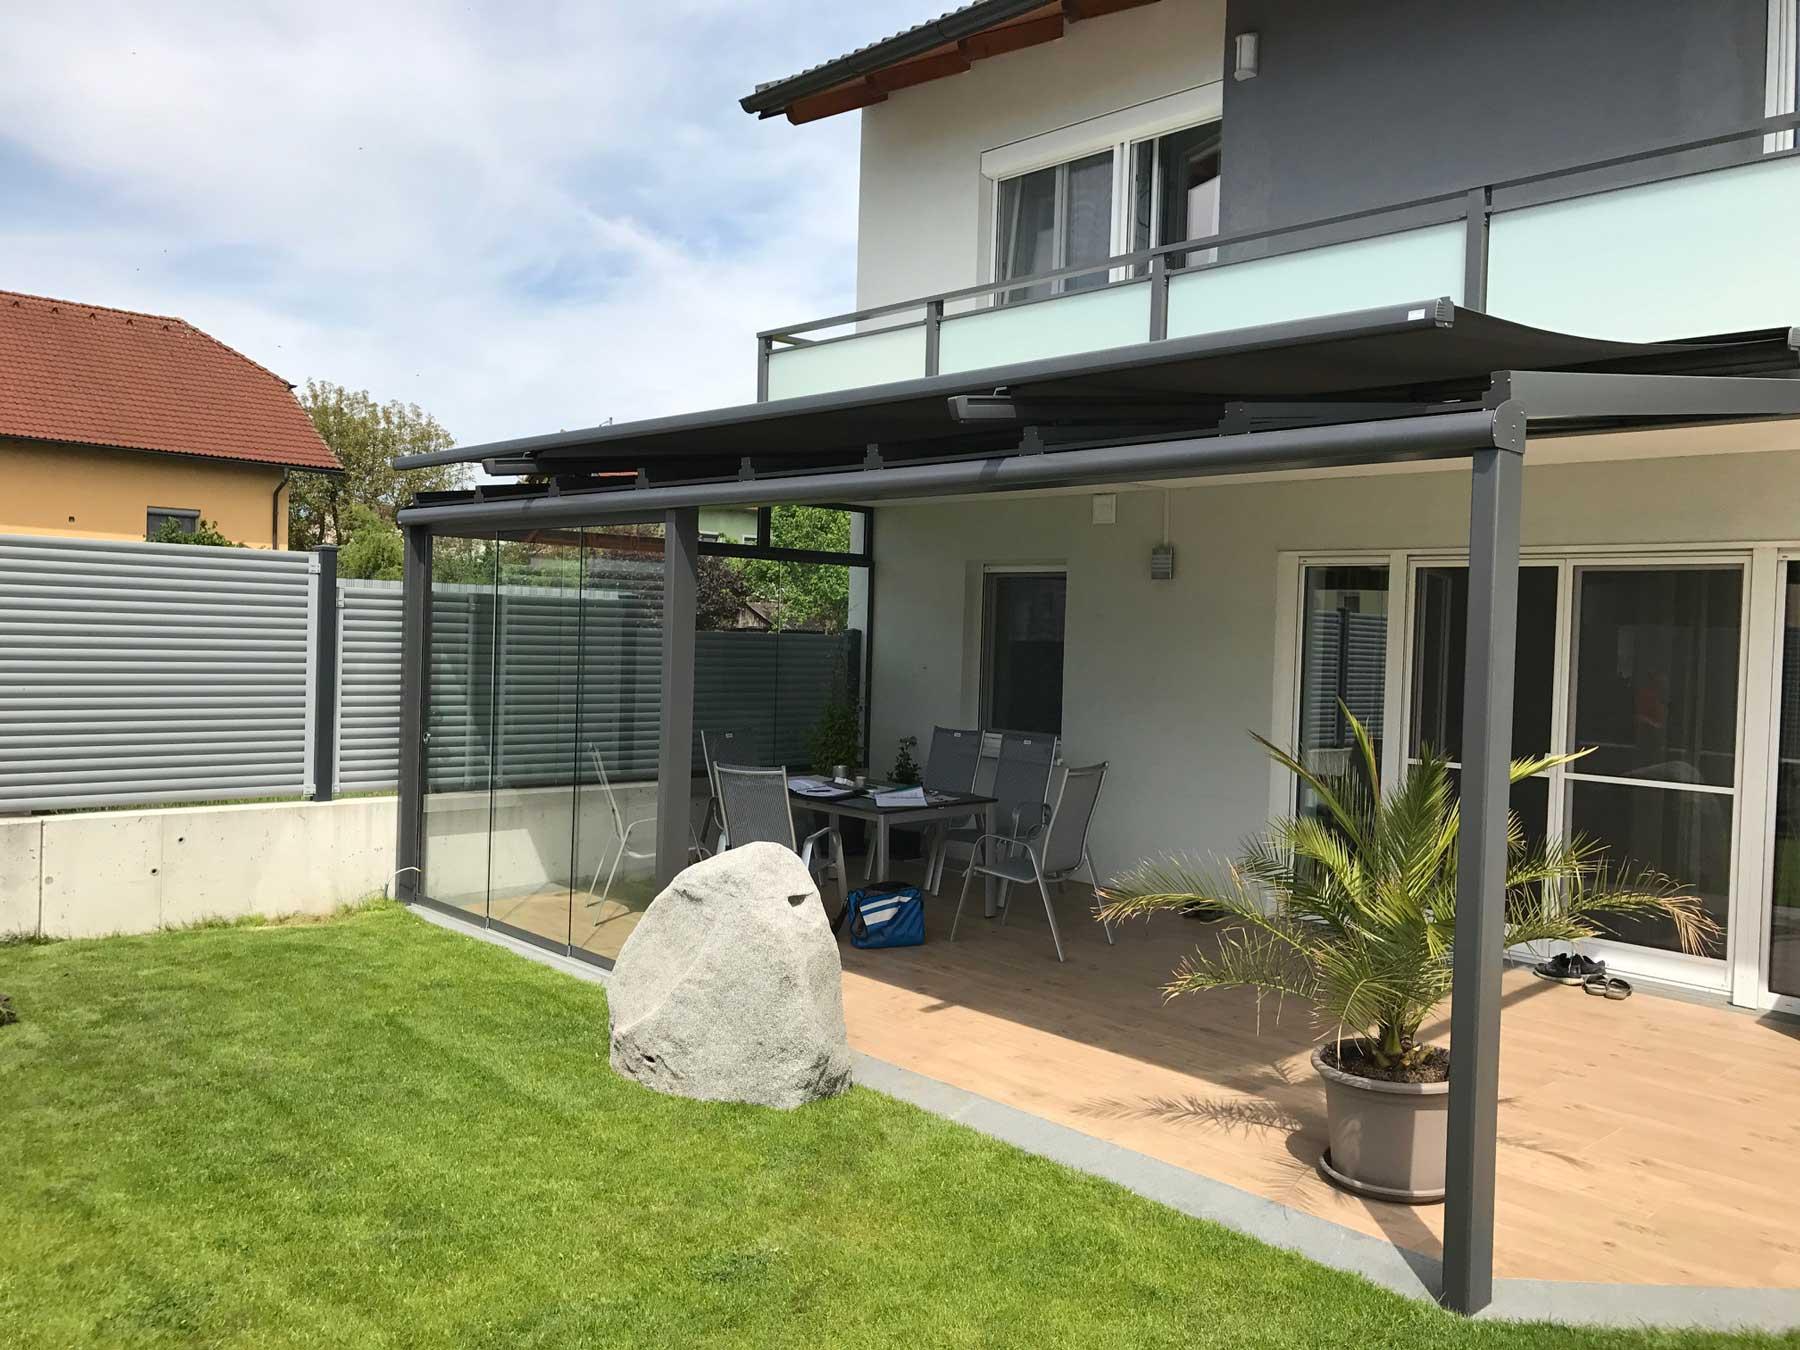 Terrassenüberdachung Windschutz Schiebeverglasung